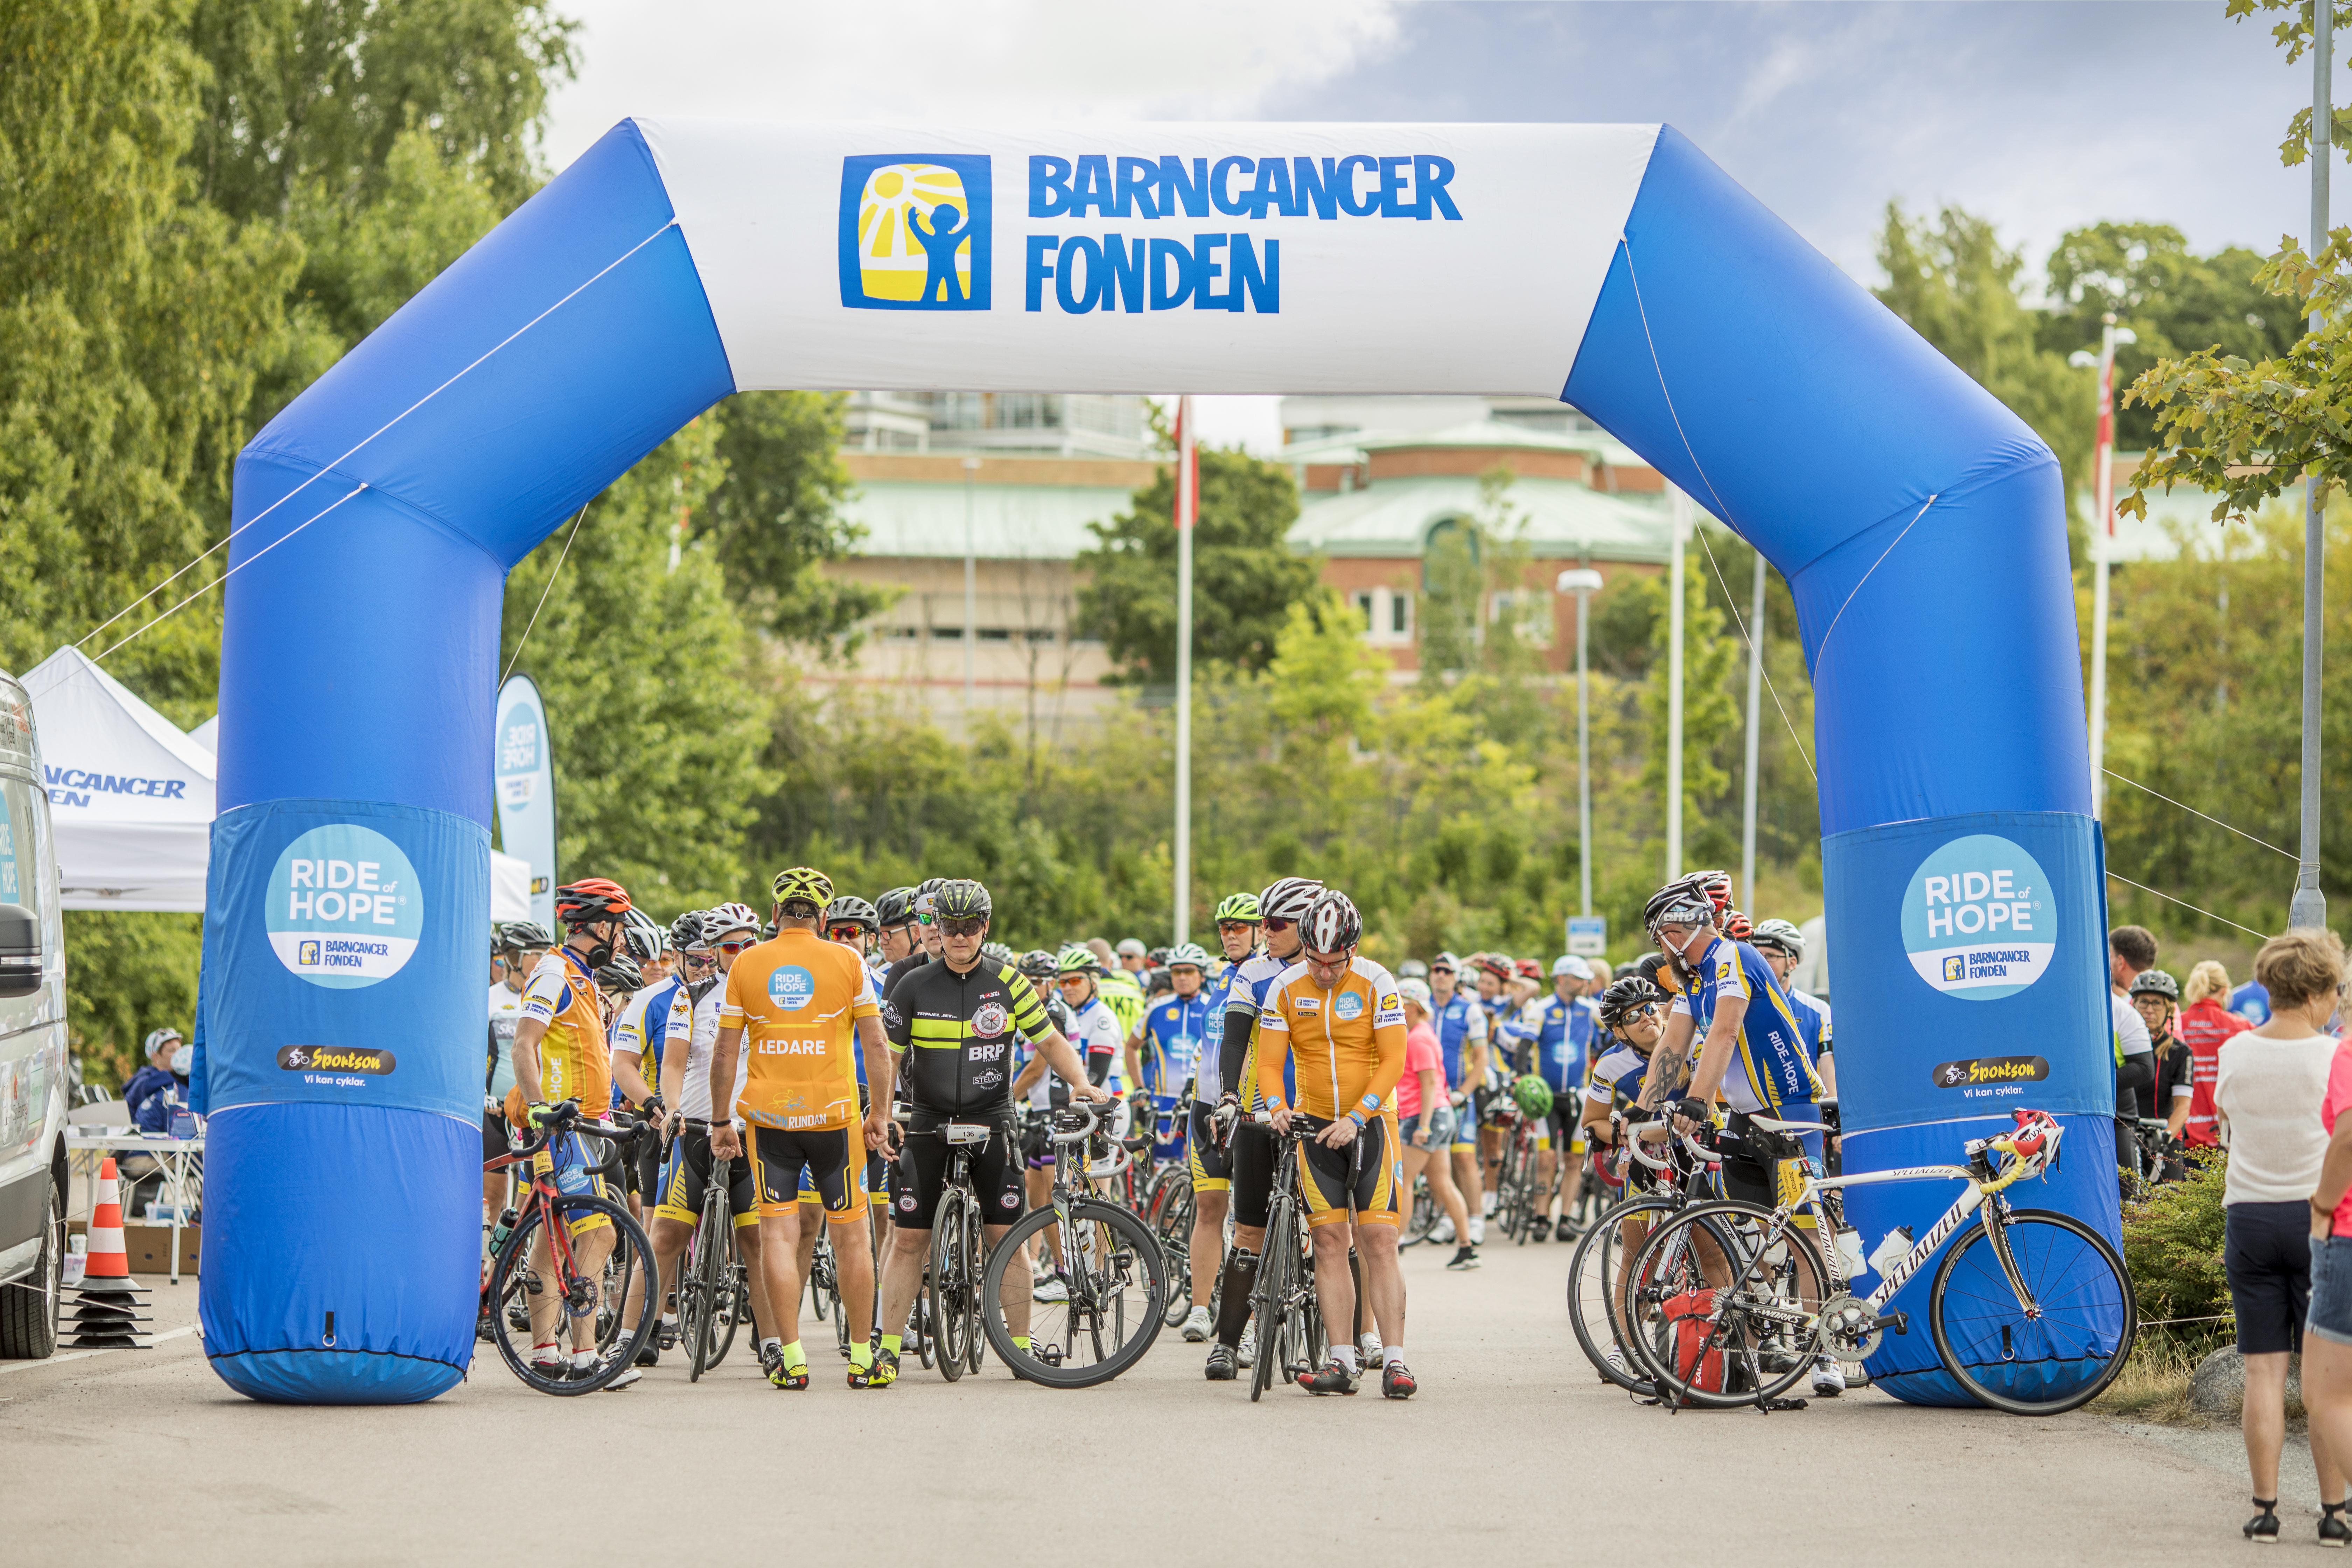 Hundratals cyklister ska under åtta dagar cykla den 120 mil långa sträckan Lund-Stockholm för att samla in pengar till kampen mot barncancer. Foto: Magnus Glans